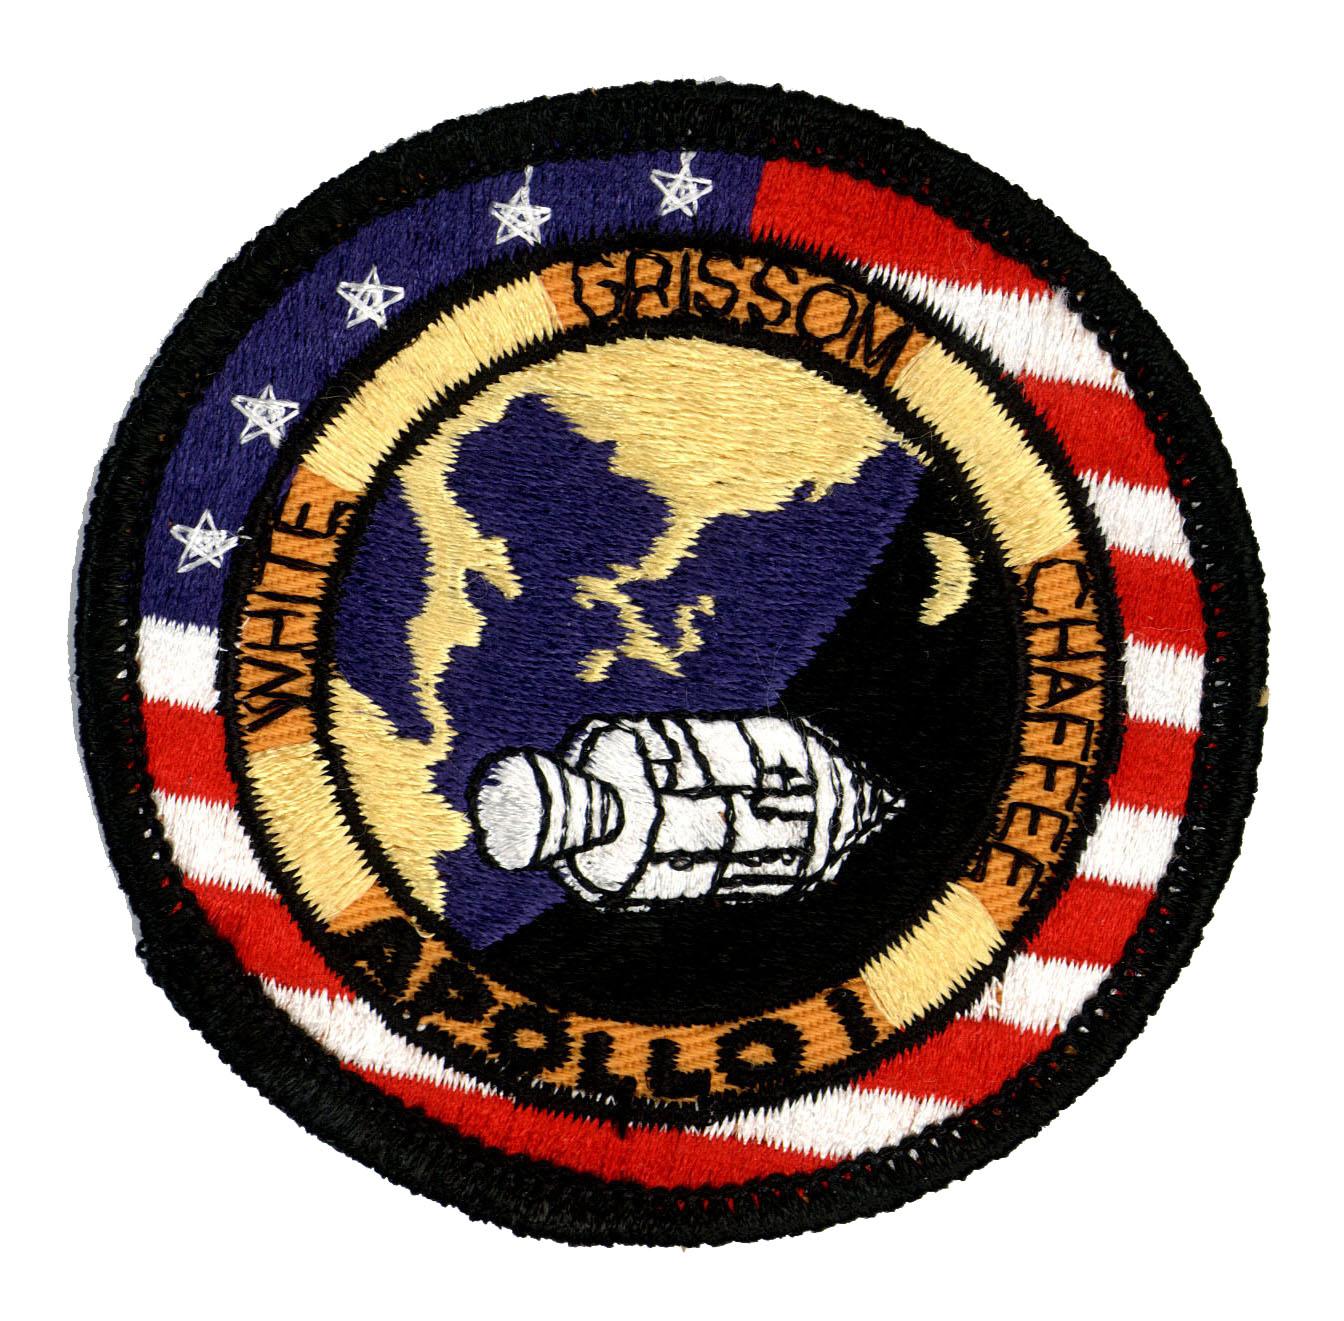 NASA ヴィンテージ刺繍パッチ アポロ1号 ベルクロ付き/ベルクロパッチ